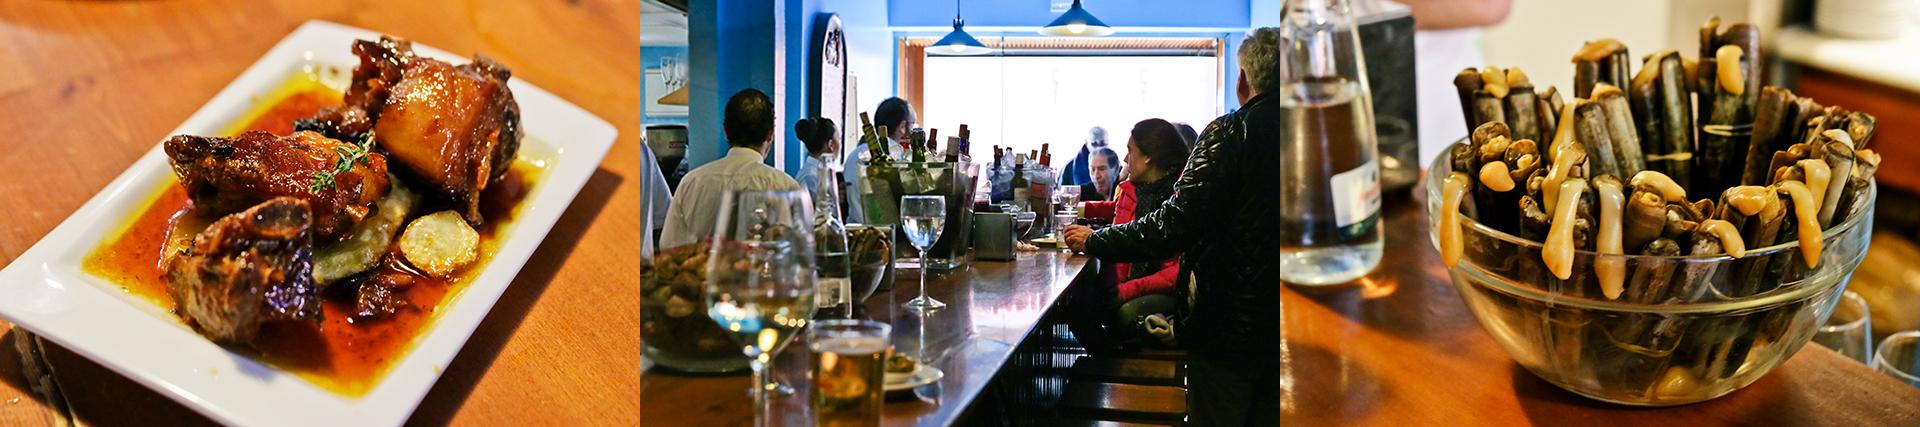 Bar La Eslava 1